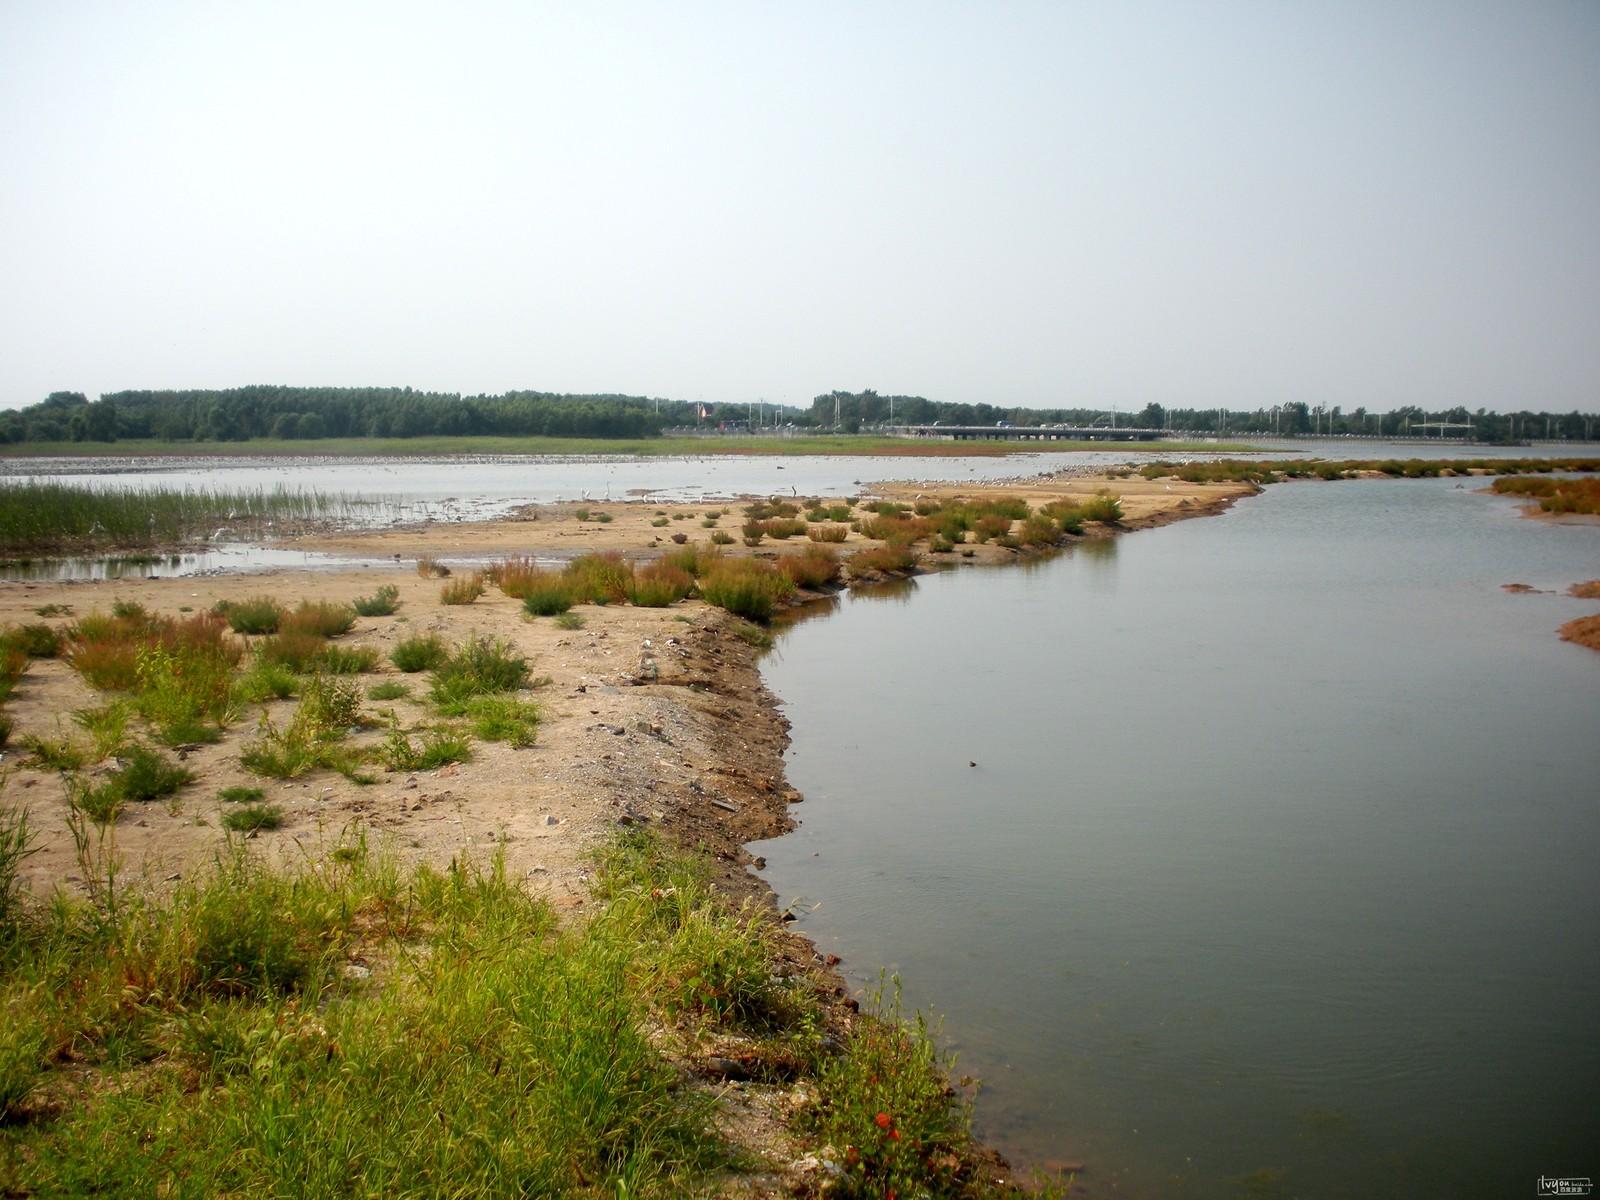 公园是秦皇岛近年来重点打造的海滨湿地保护工程,建有鸟类生态保护